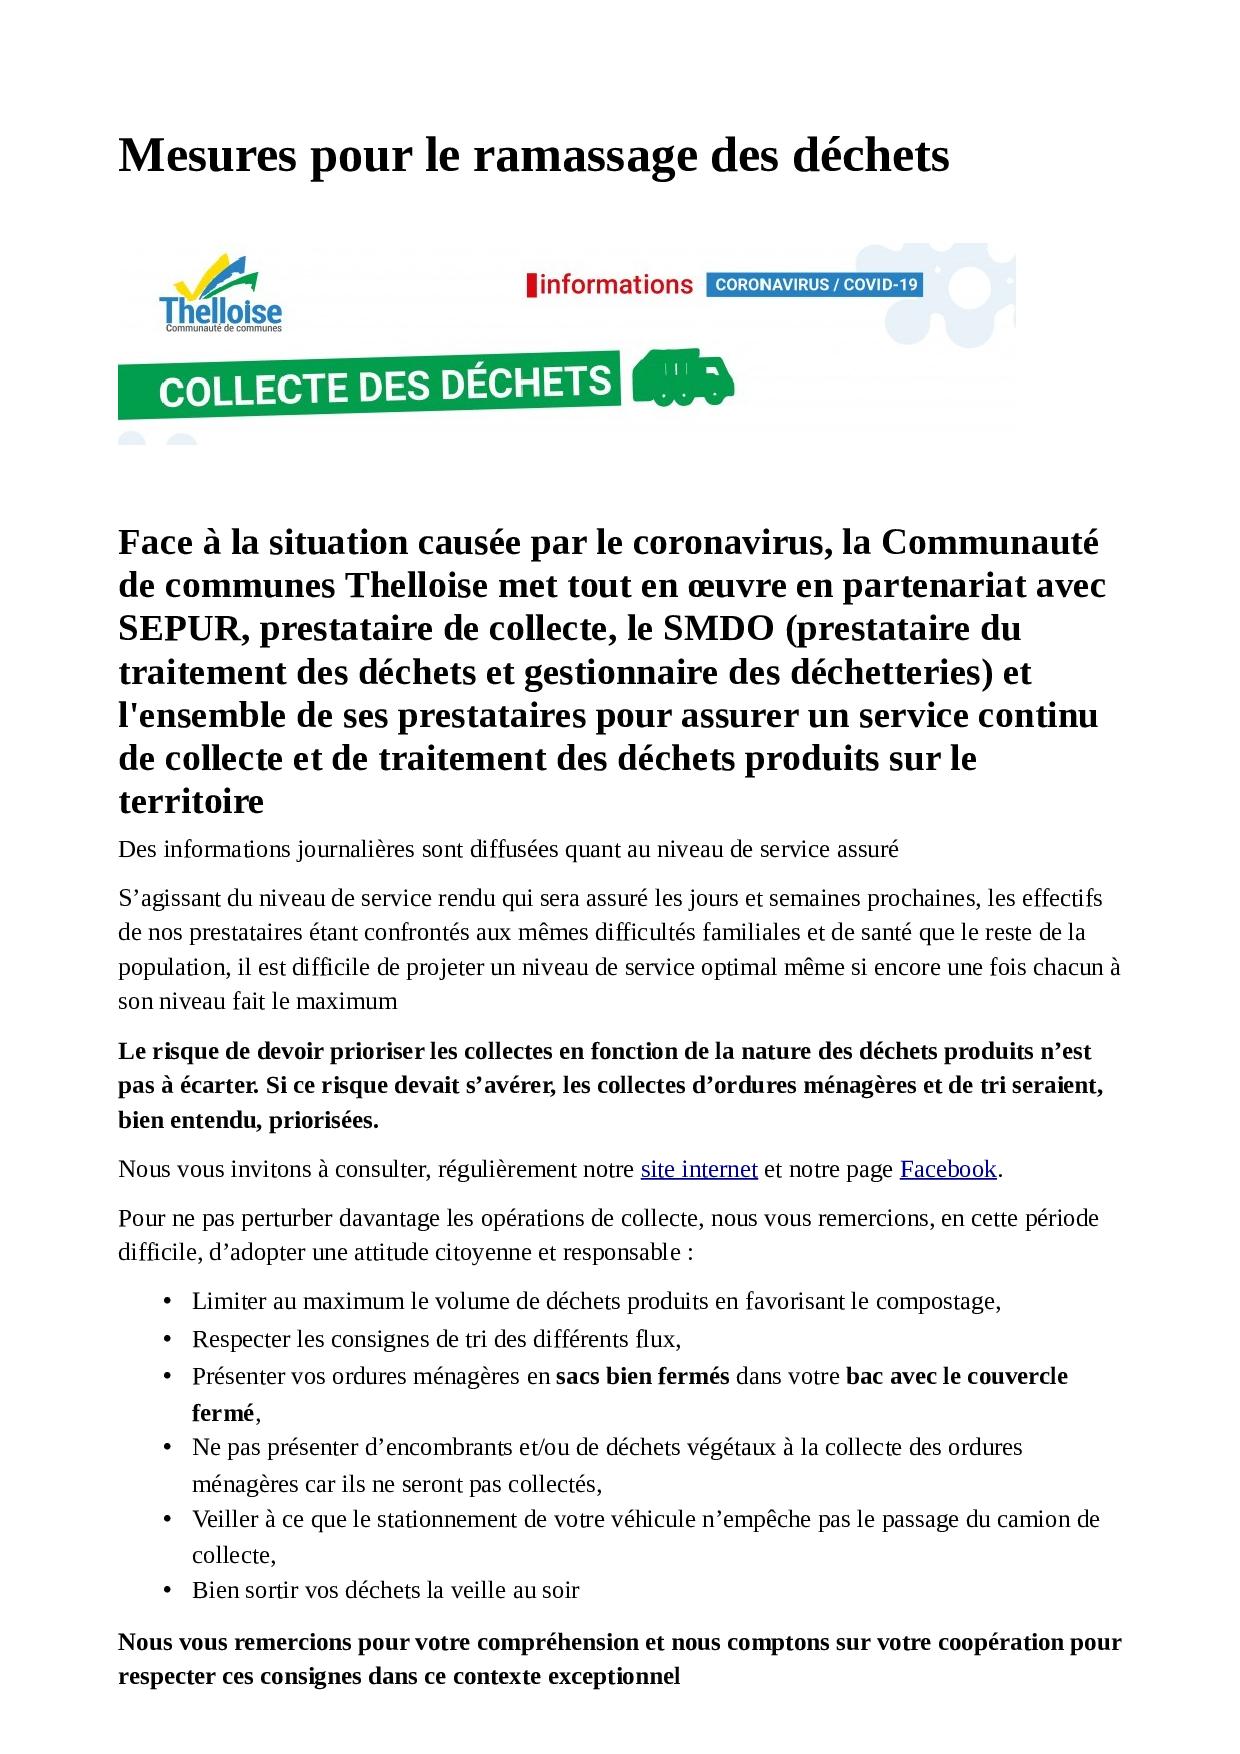 information collecte des dechets.png